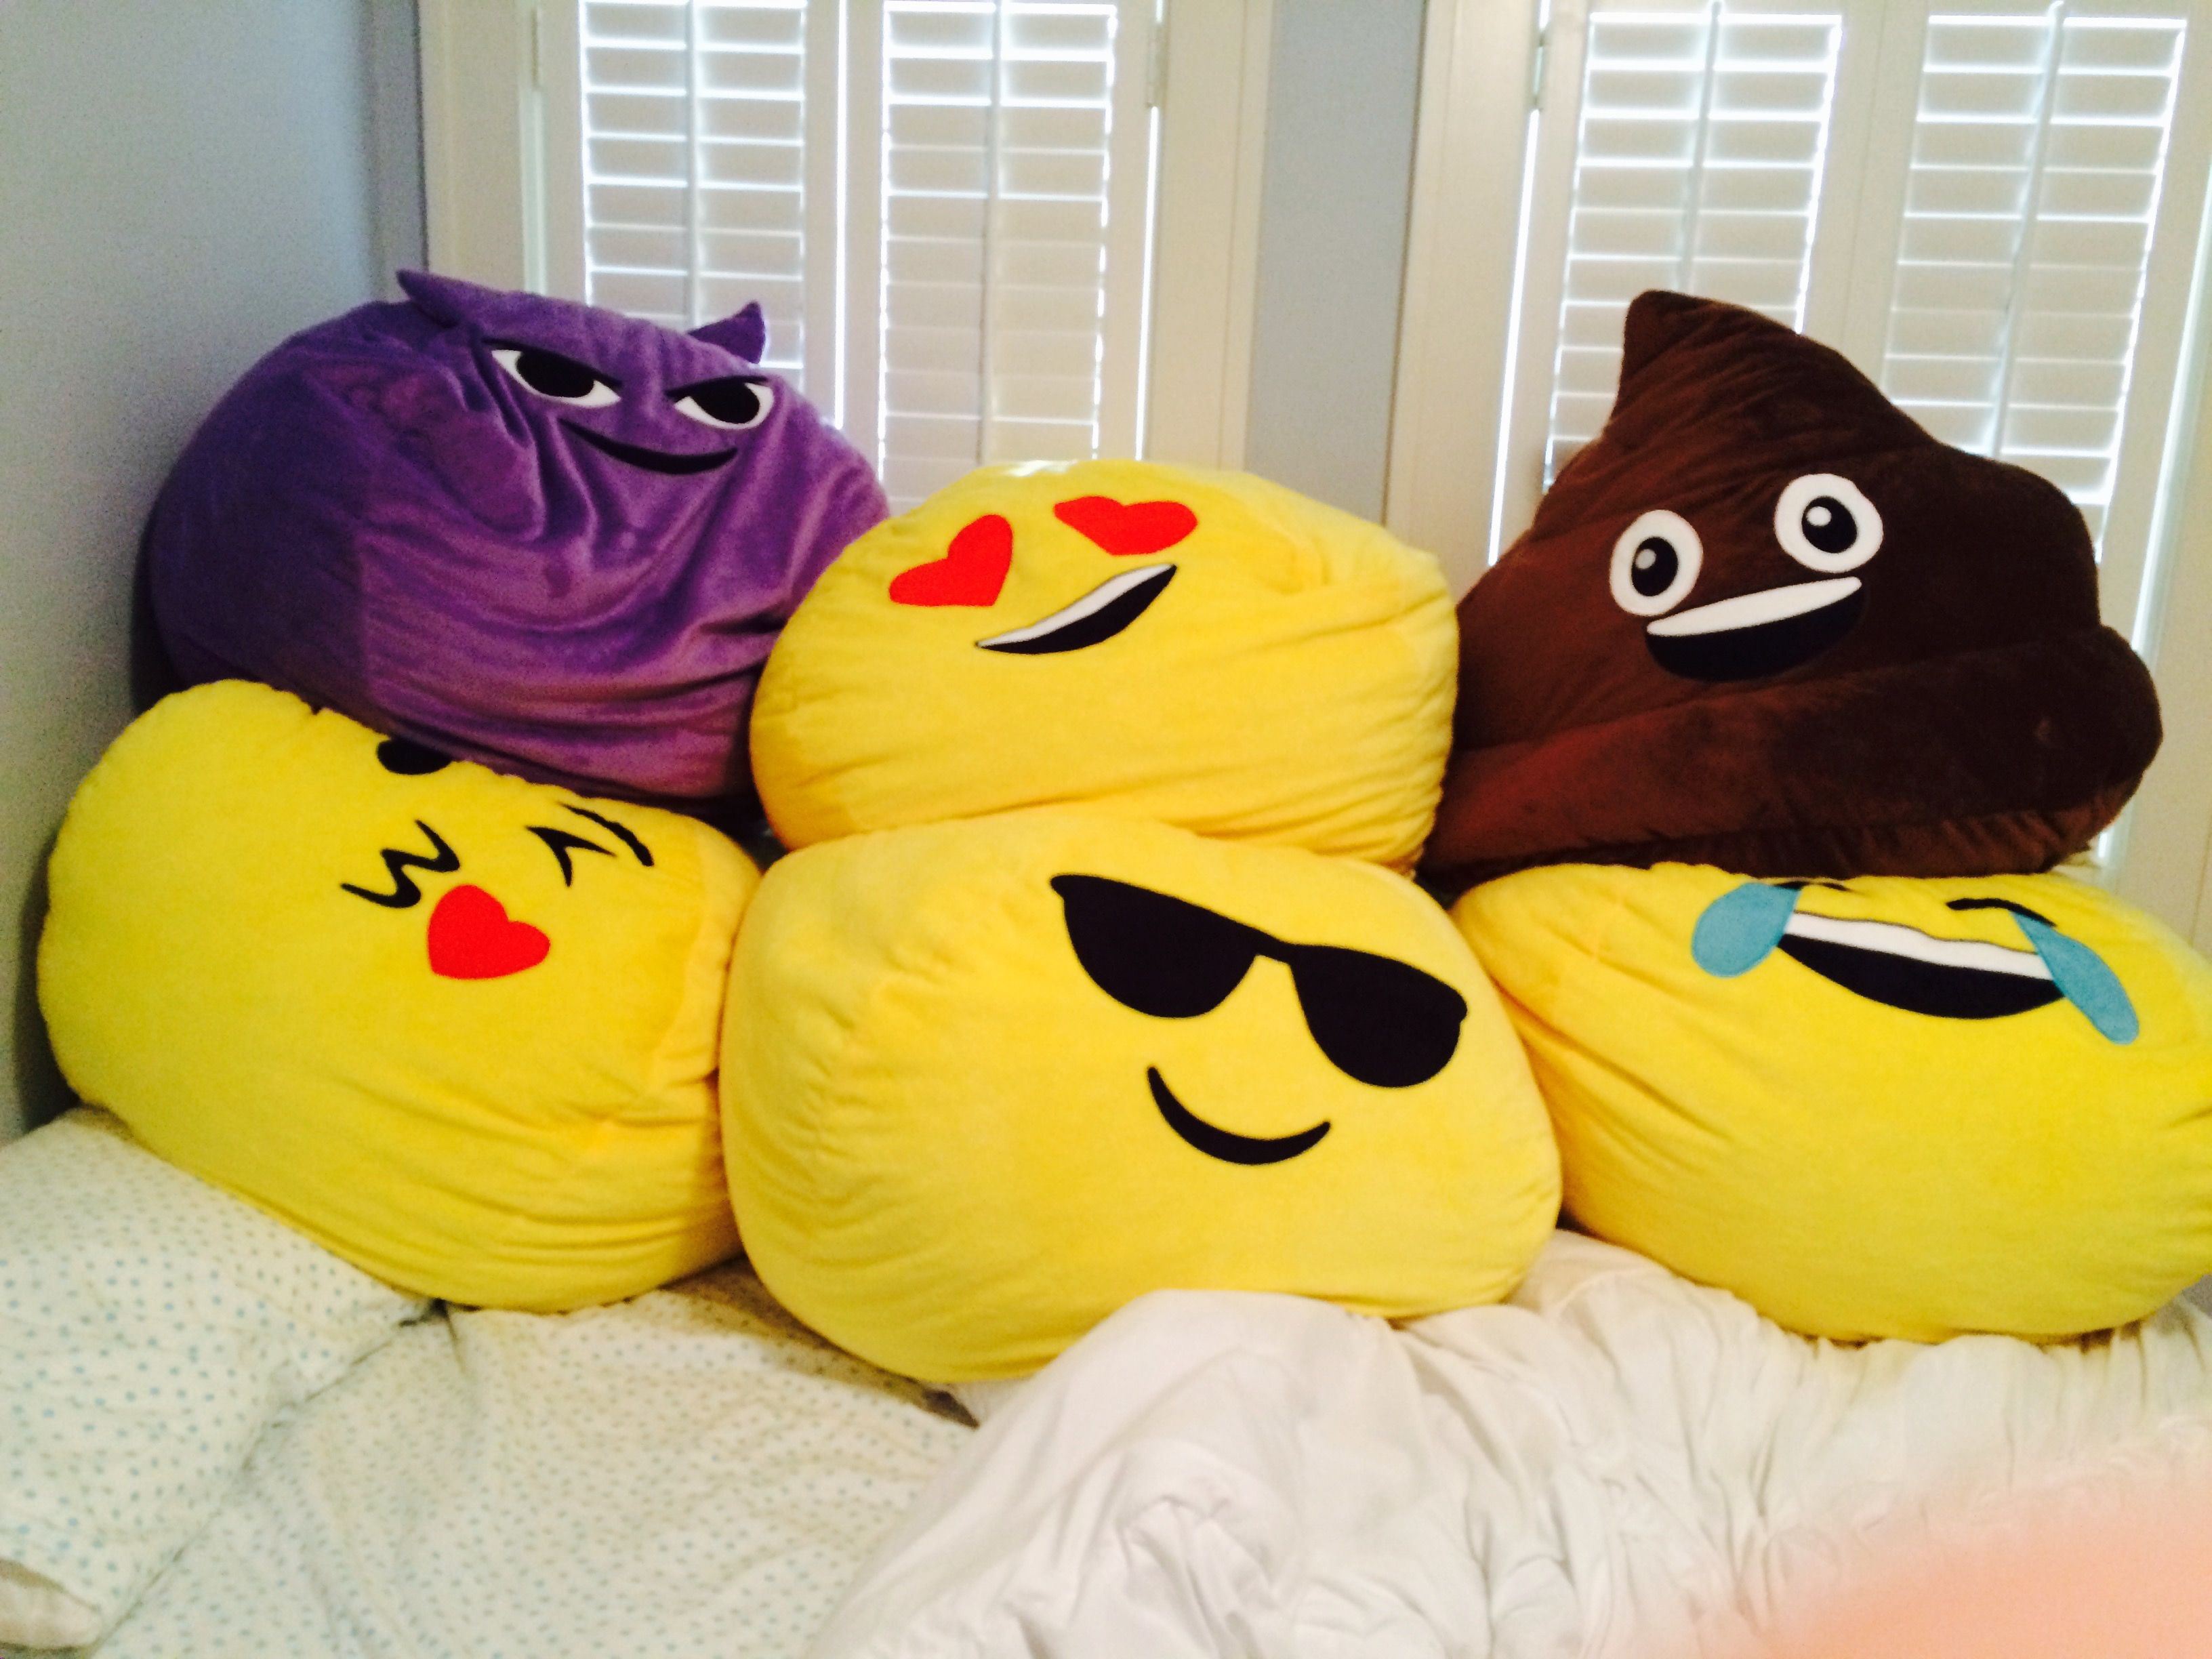 Dog Pile Beanbag Chair Furniture Emoji Emoji Room Emoji Bedroom Nerd Room